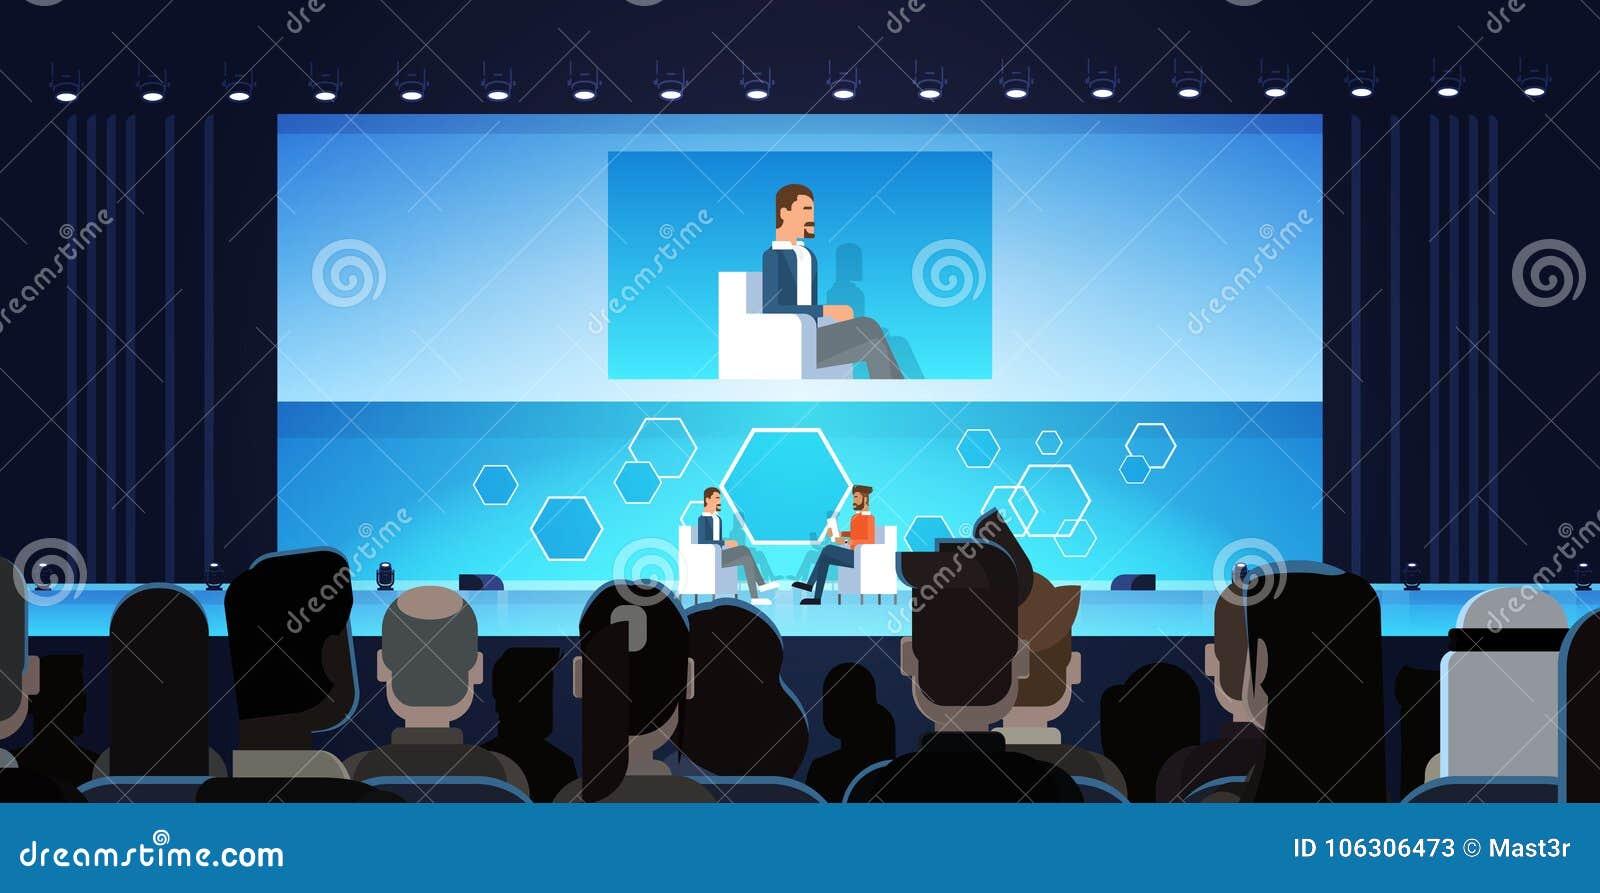 Bedrijfsmens op de Openbare Vergadering van de Gespreksconferentie voor Groot Publiek